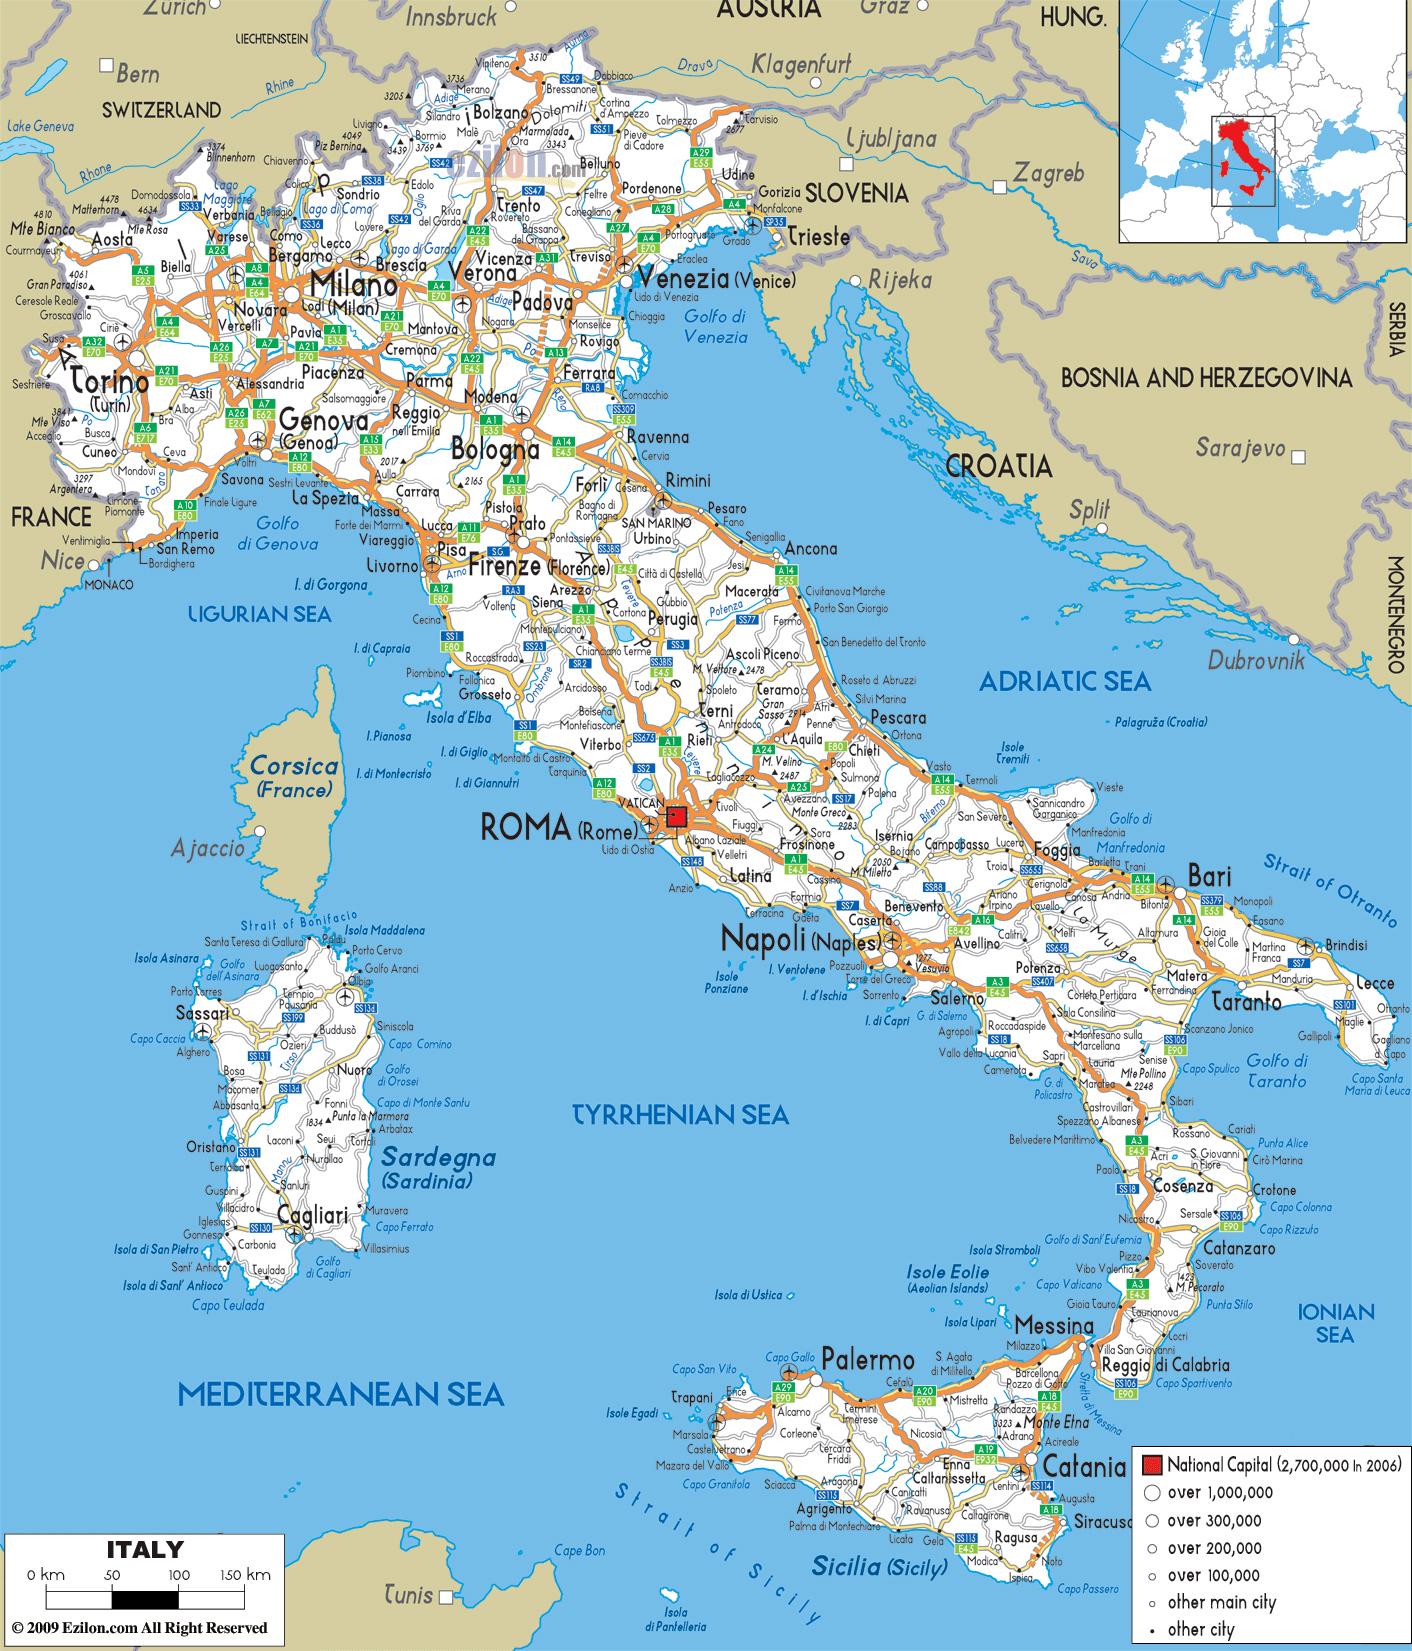 Aeropuertos De Italia Mapa.Gran Hoja De Ruta De Italia Con Las Ciudades Y Aeropuertos